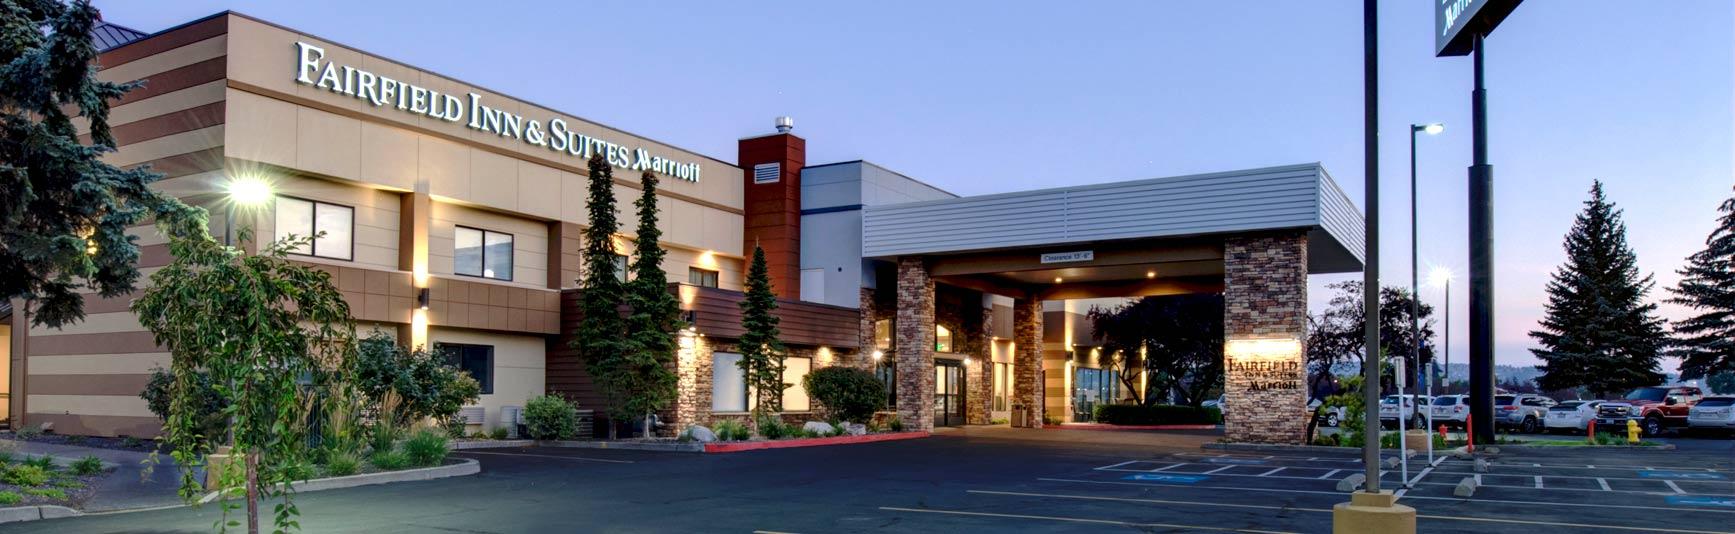 Fairfield Inn & Suites – Spokane Valley